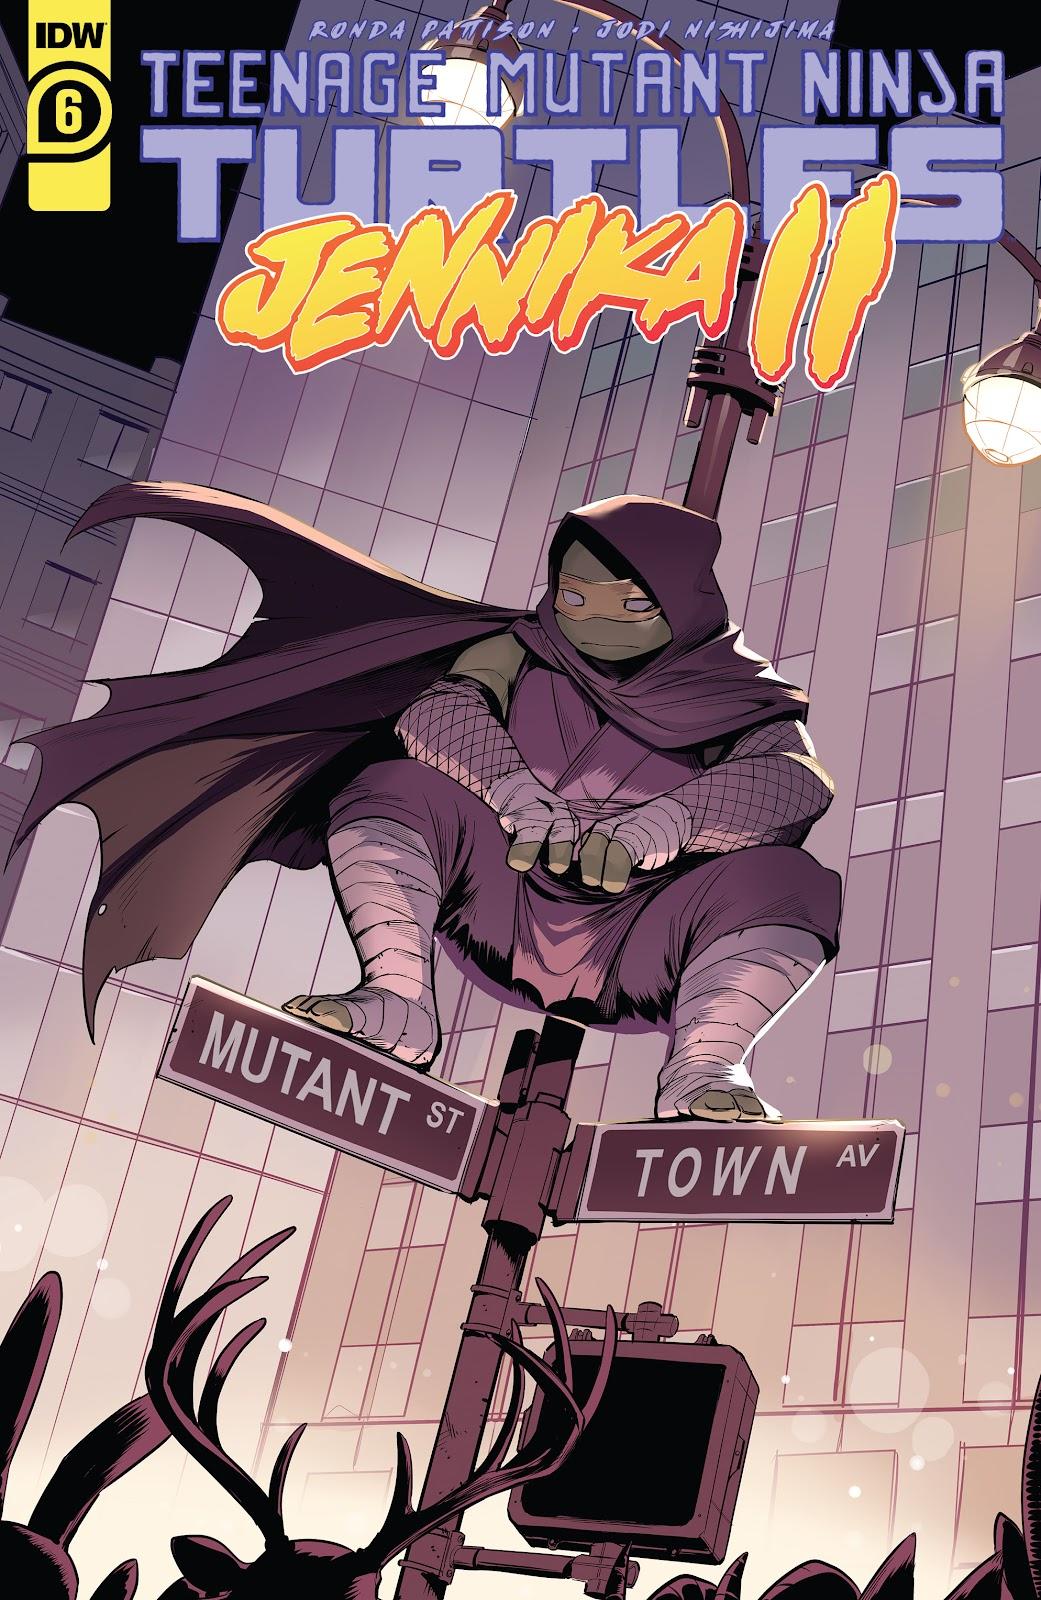 Teenage Mutant Ninja Turtles: Jennika II 6 Page 1